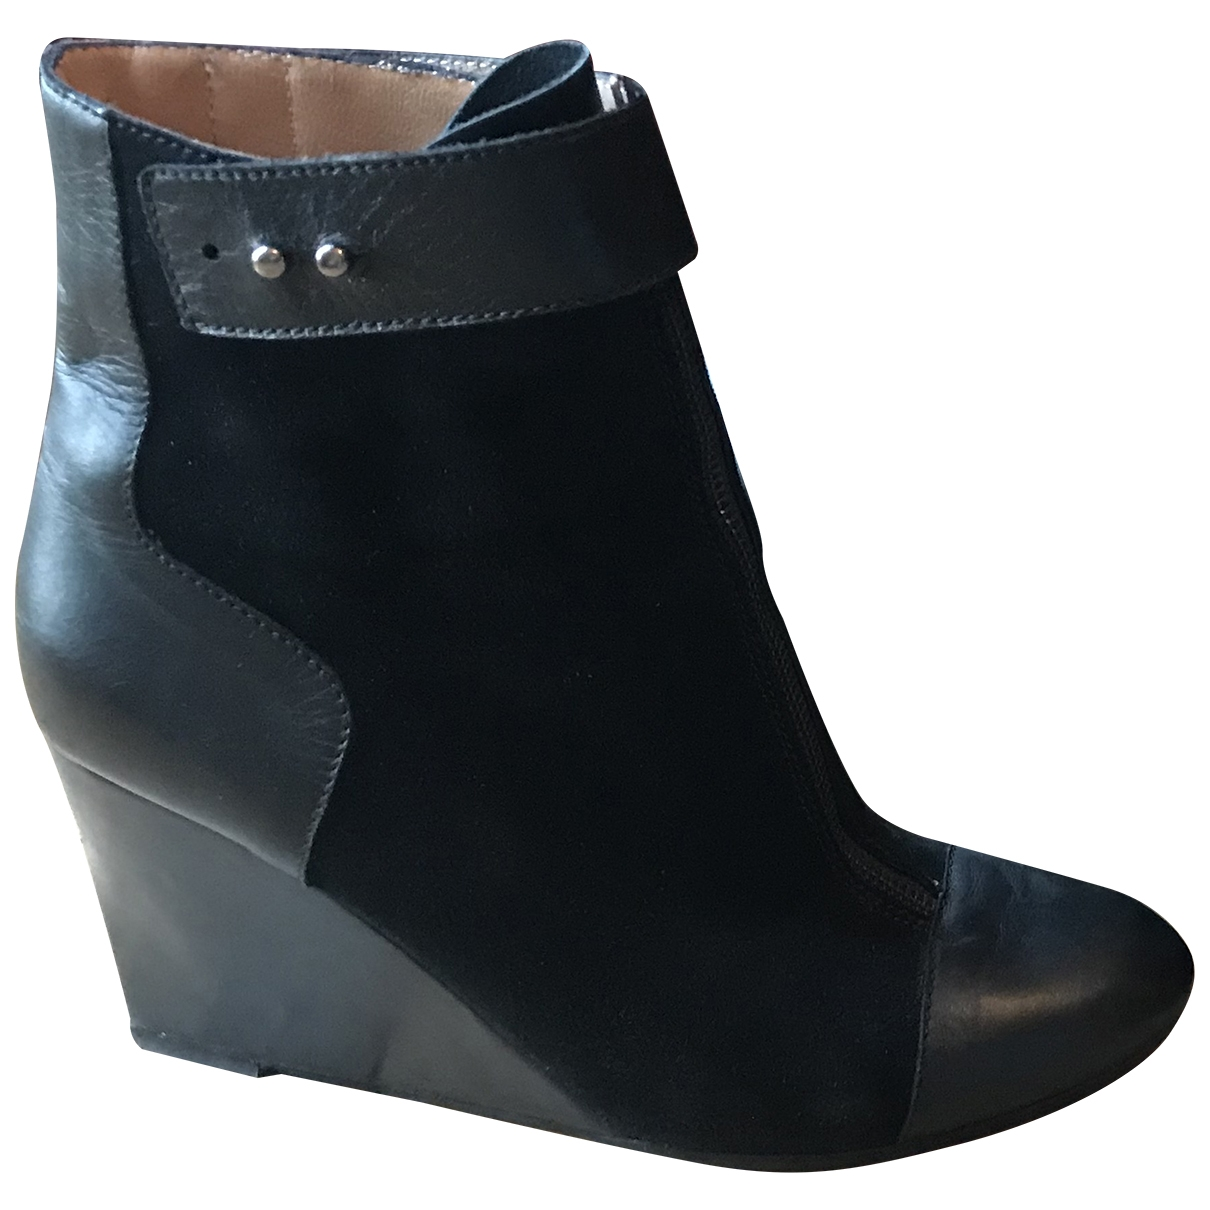 Joseph - Boots   pour femme en cuir - noir